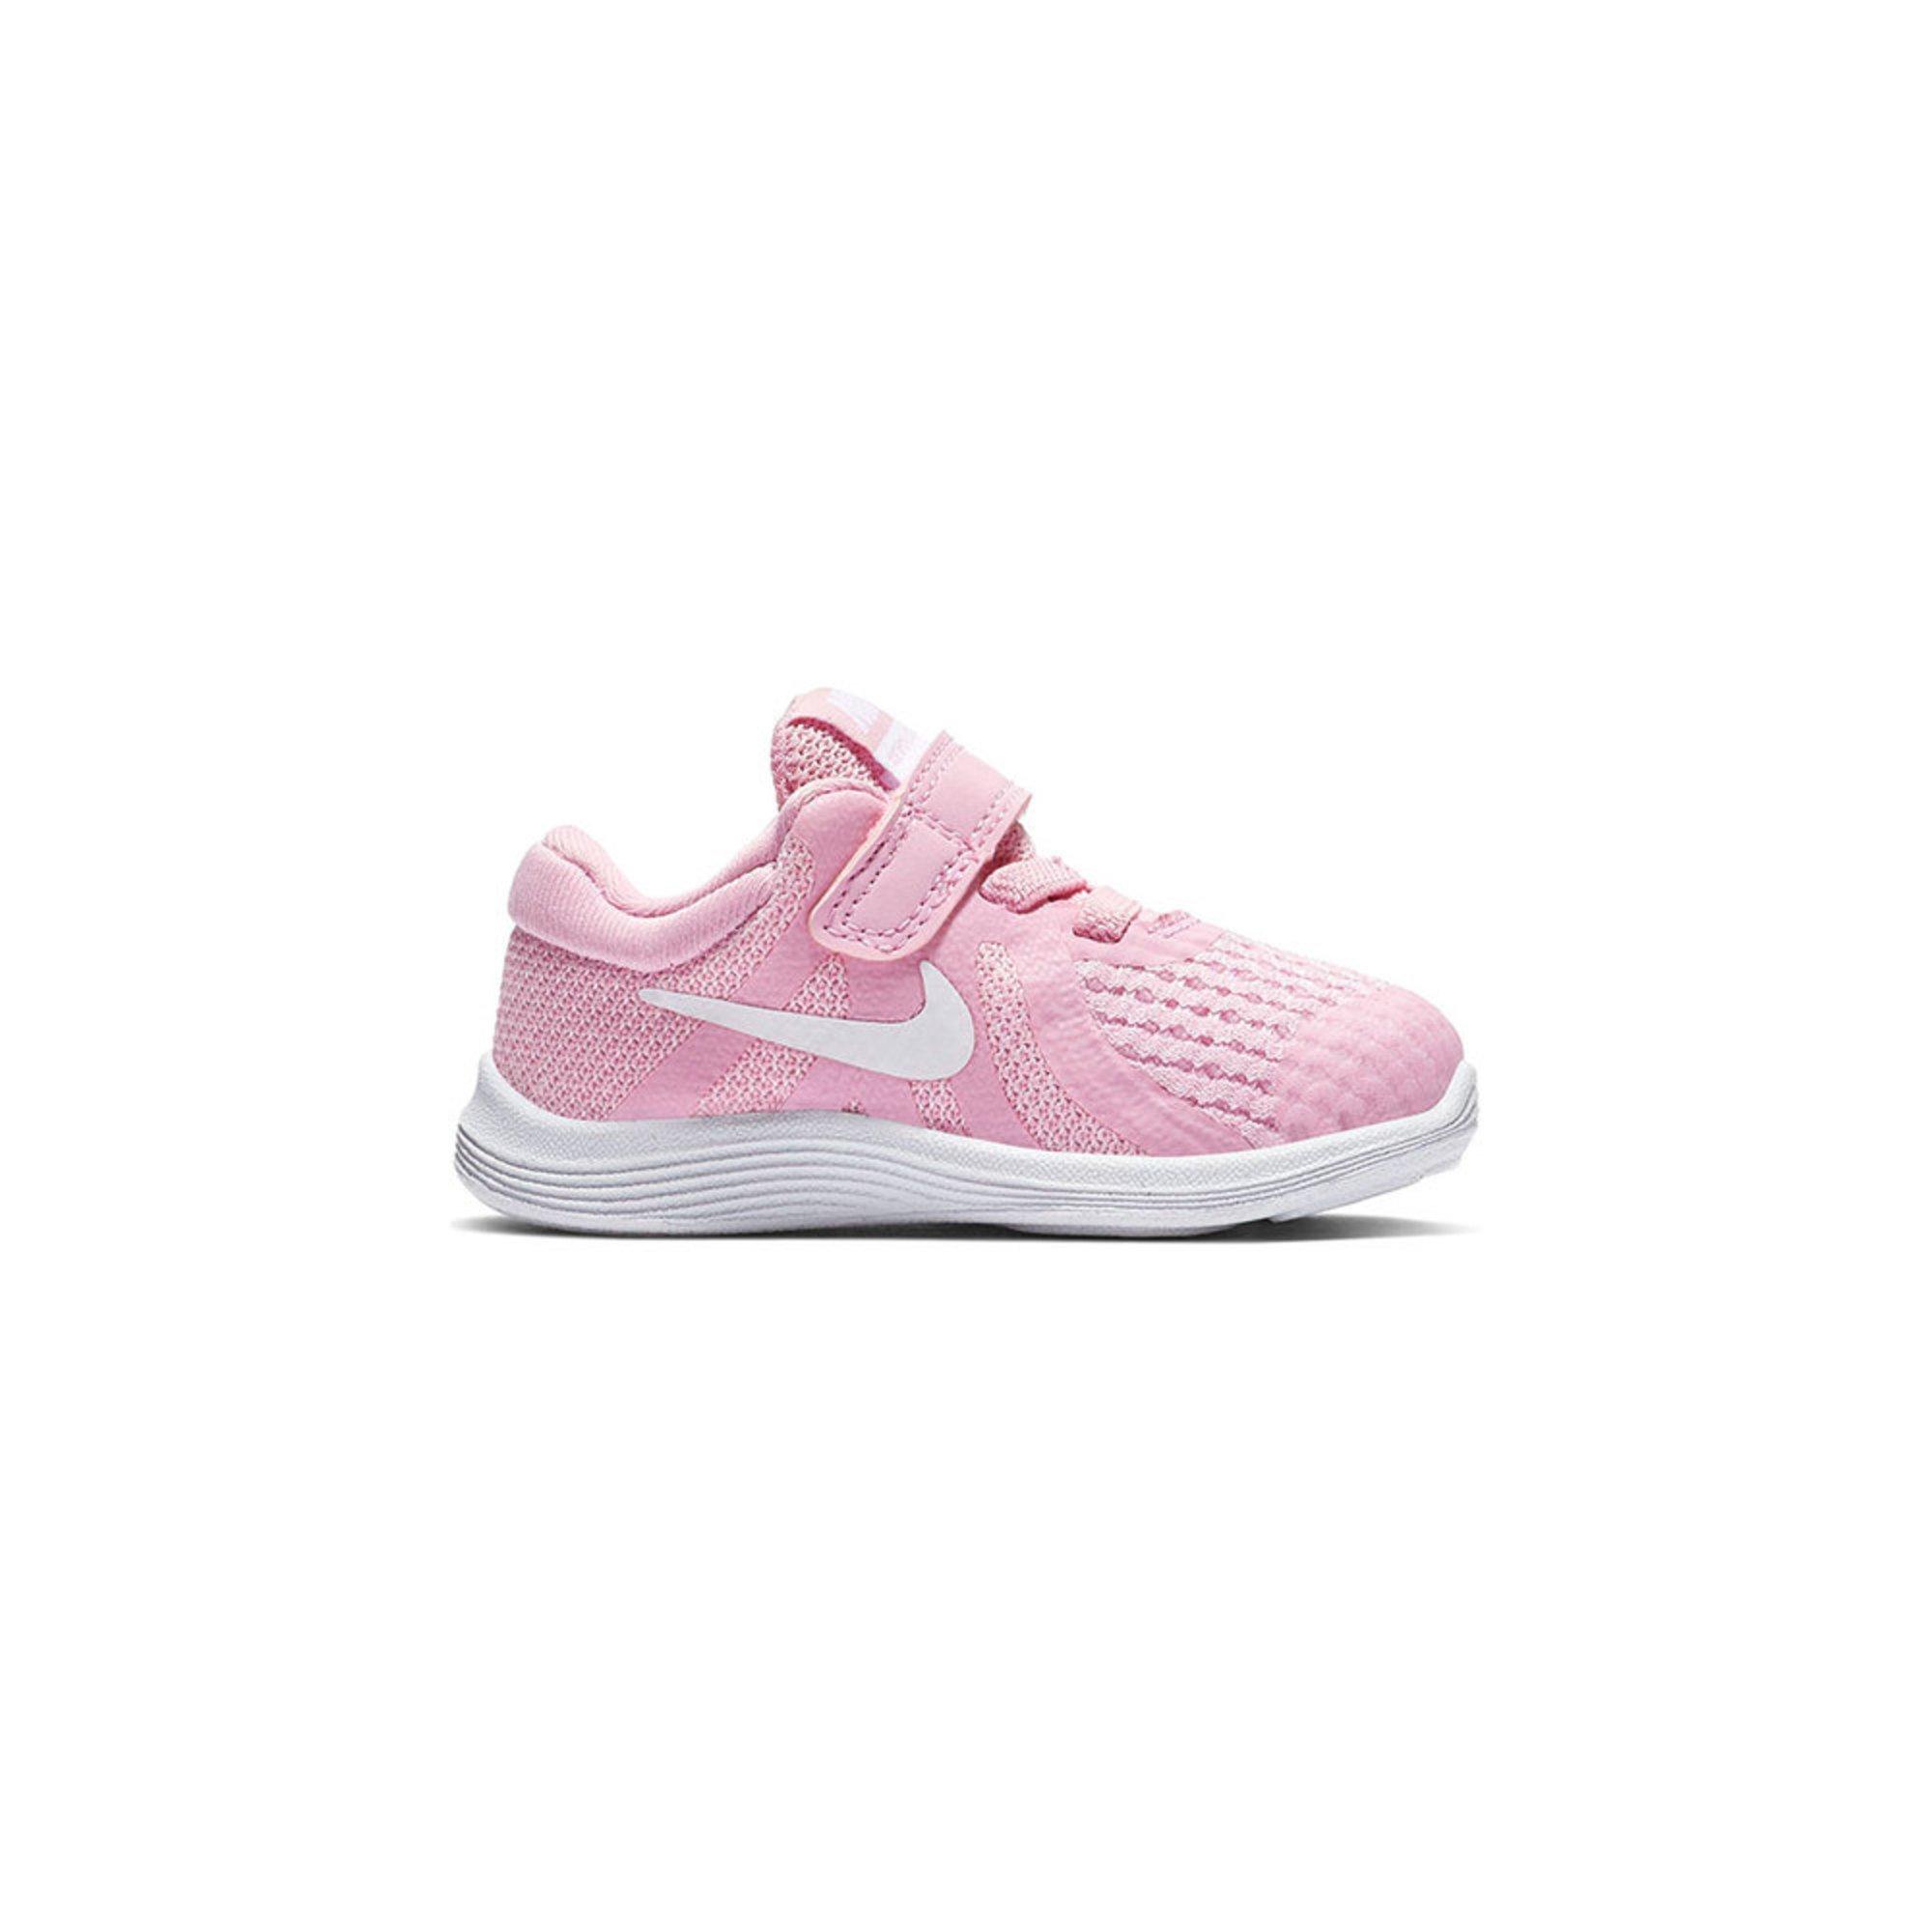 7622876663 Nike Girls Revolution 4 Running Shoe (infant/toddler) | Toddler ...